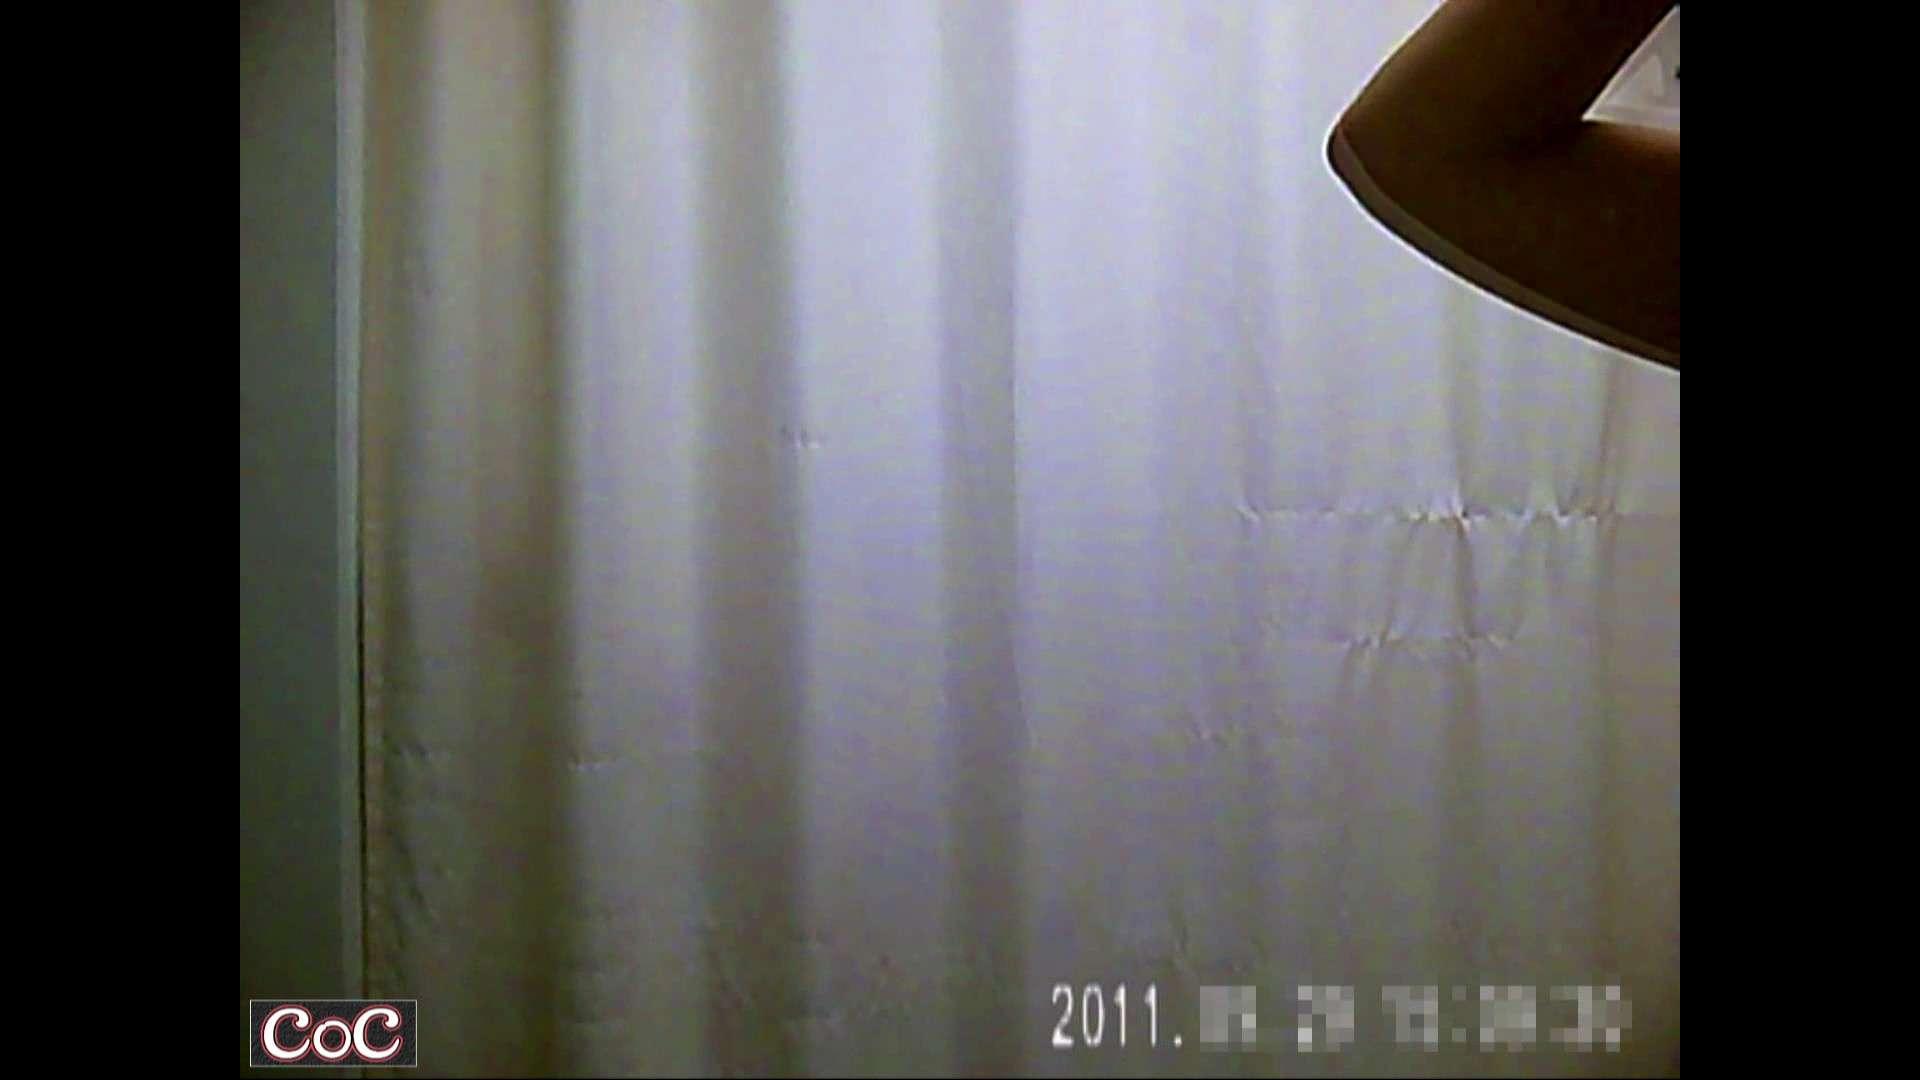 病院おもいっきり着替え! vol.45 盗撮 盗み撮り動画キャプチャ 93画像 66